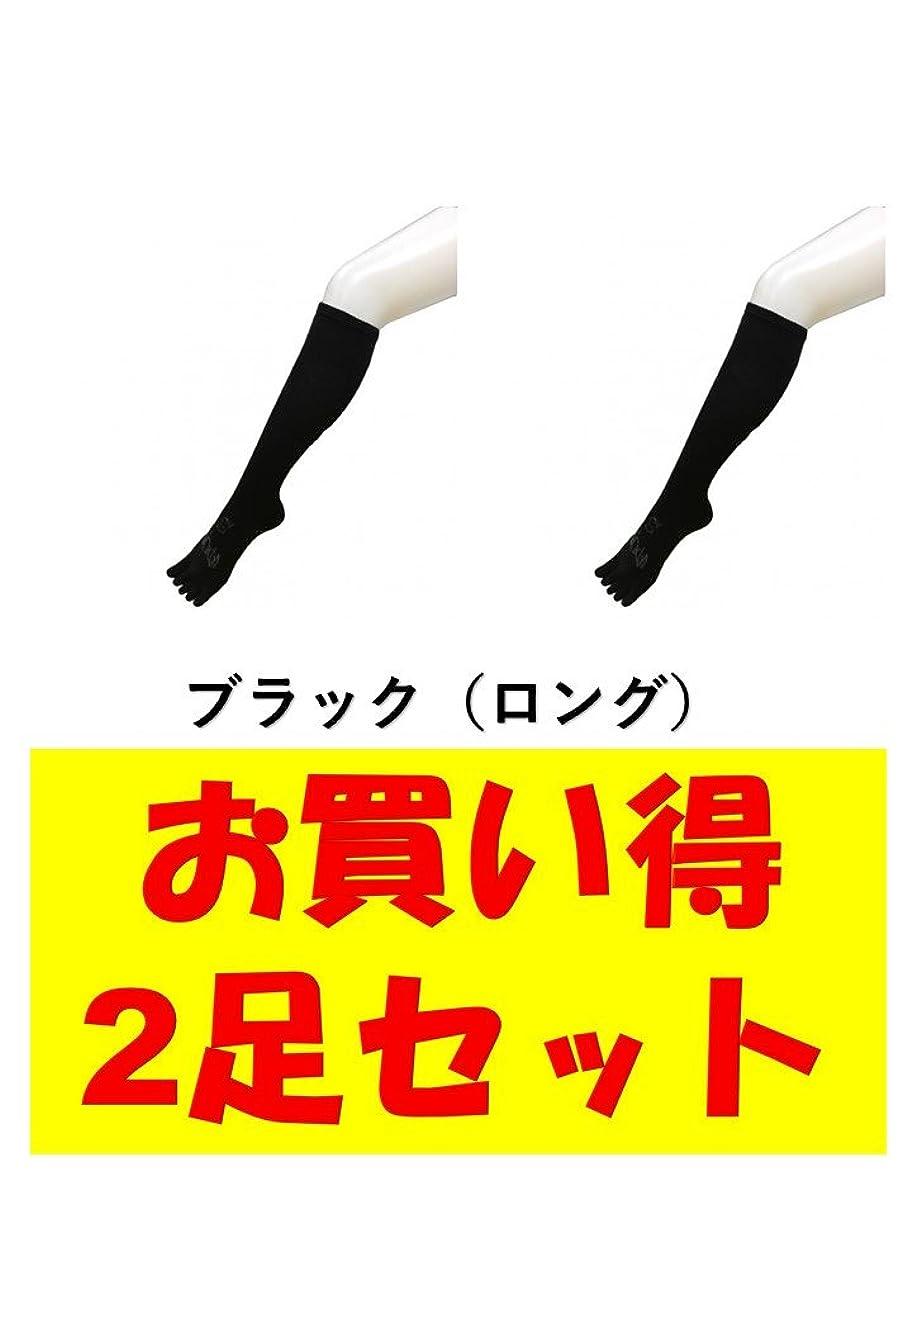 不安定絞る対お買い得2足セット 5本指 ゆびのばソックス ゆびのばロング ブラック 男性用 25.5cm-28.0cm HSLONG-BLK